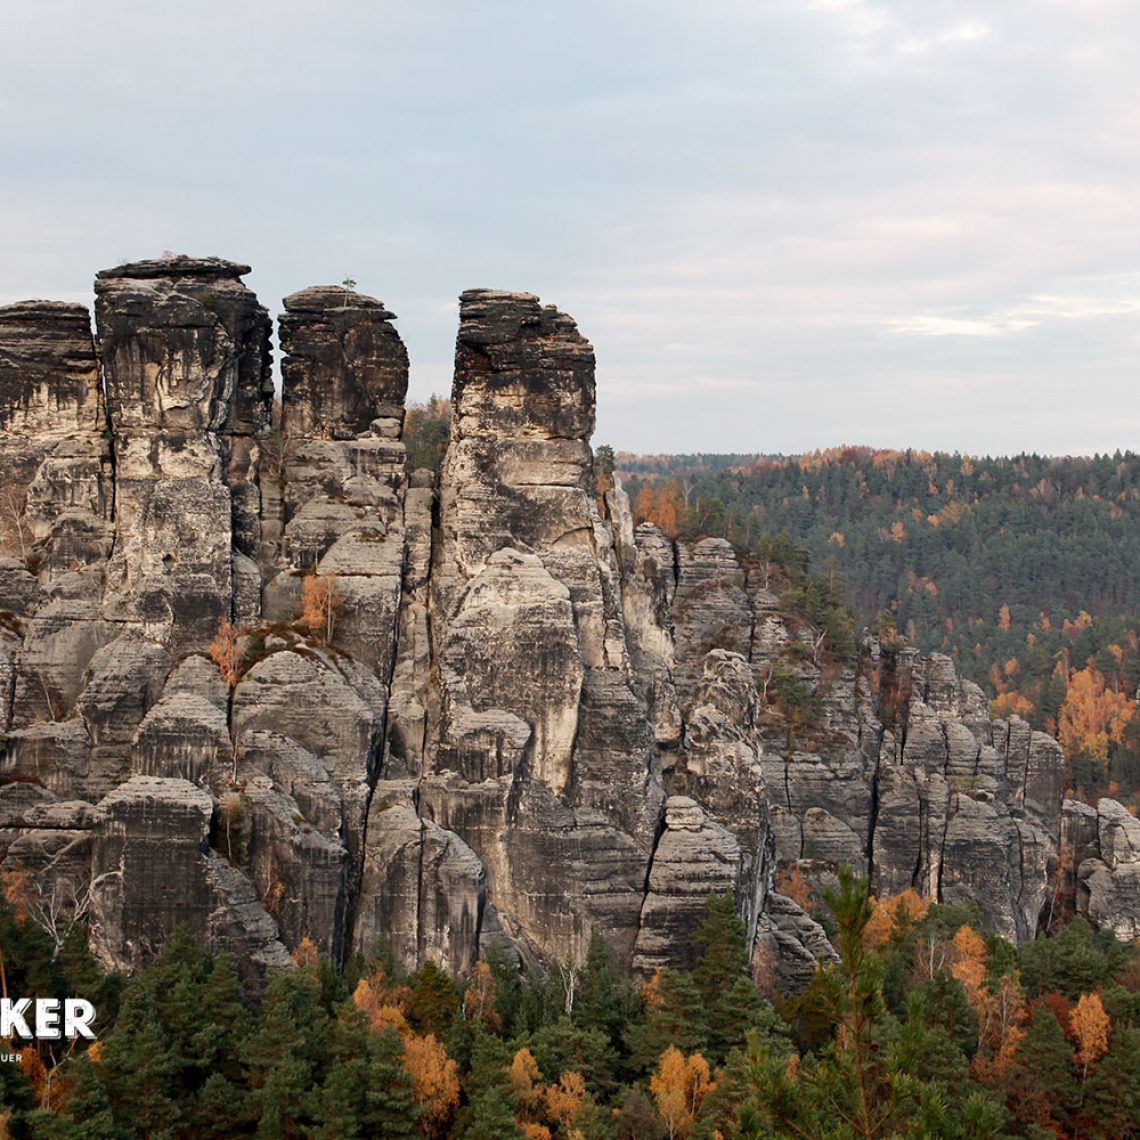 Als ganz besondere Felsformation präsentiert sich von der Bastei aus die Steingruppe der Kleinen Gans